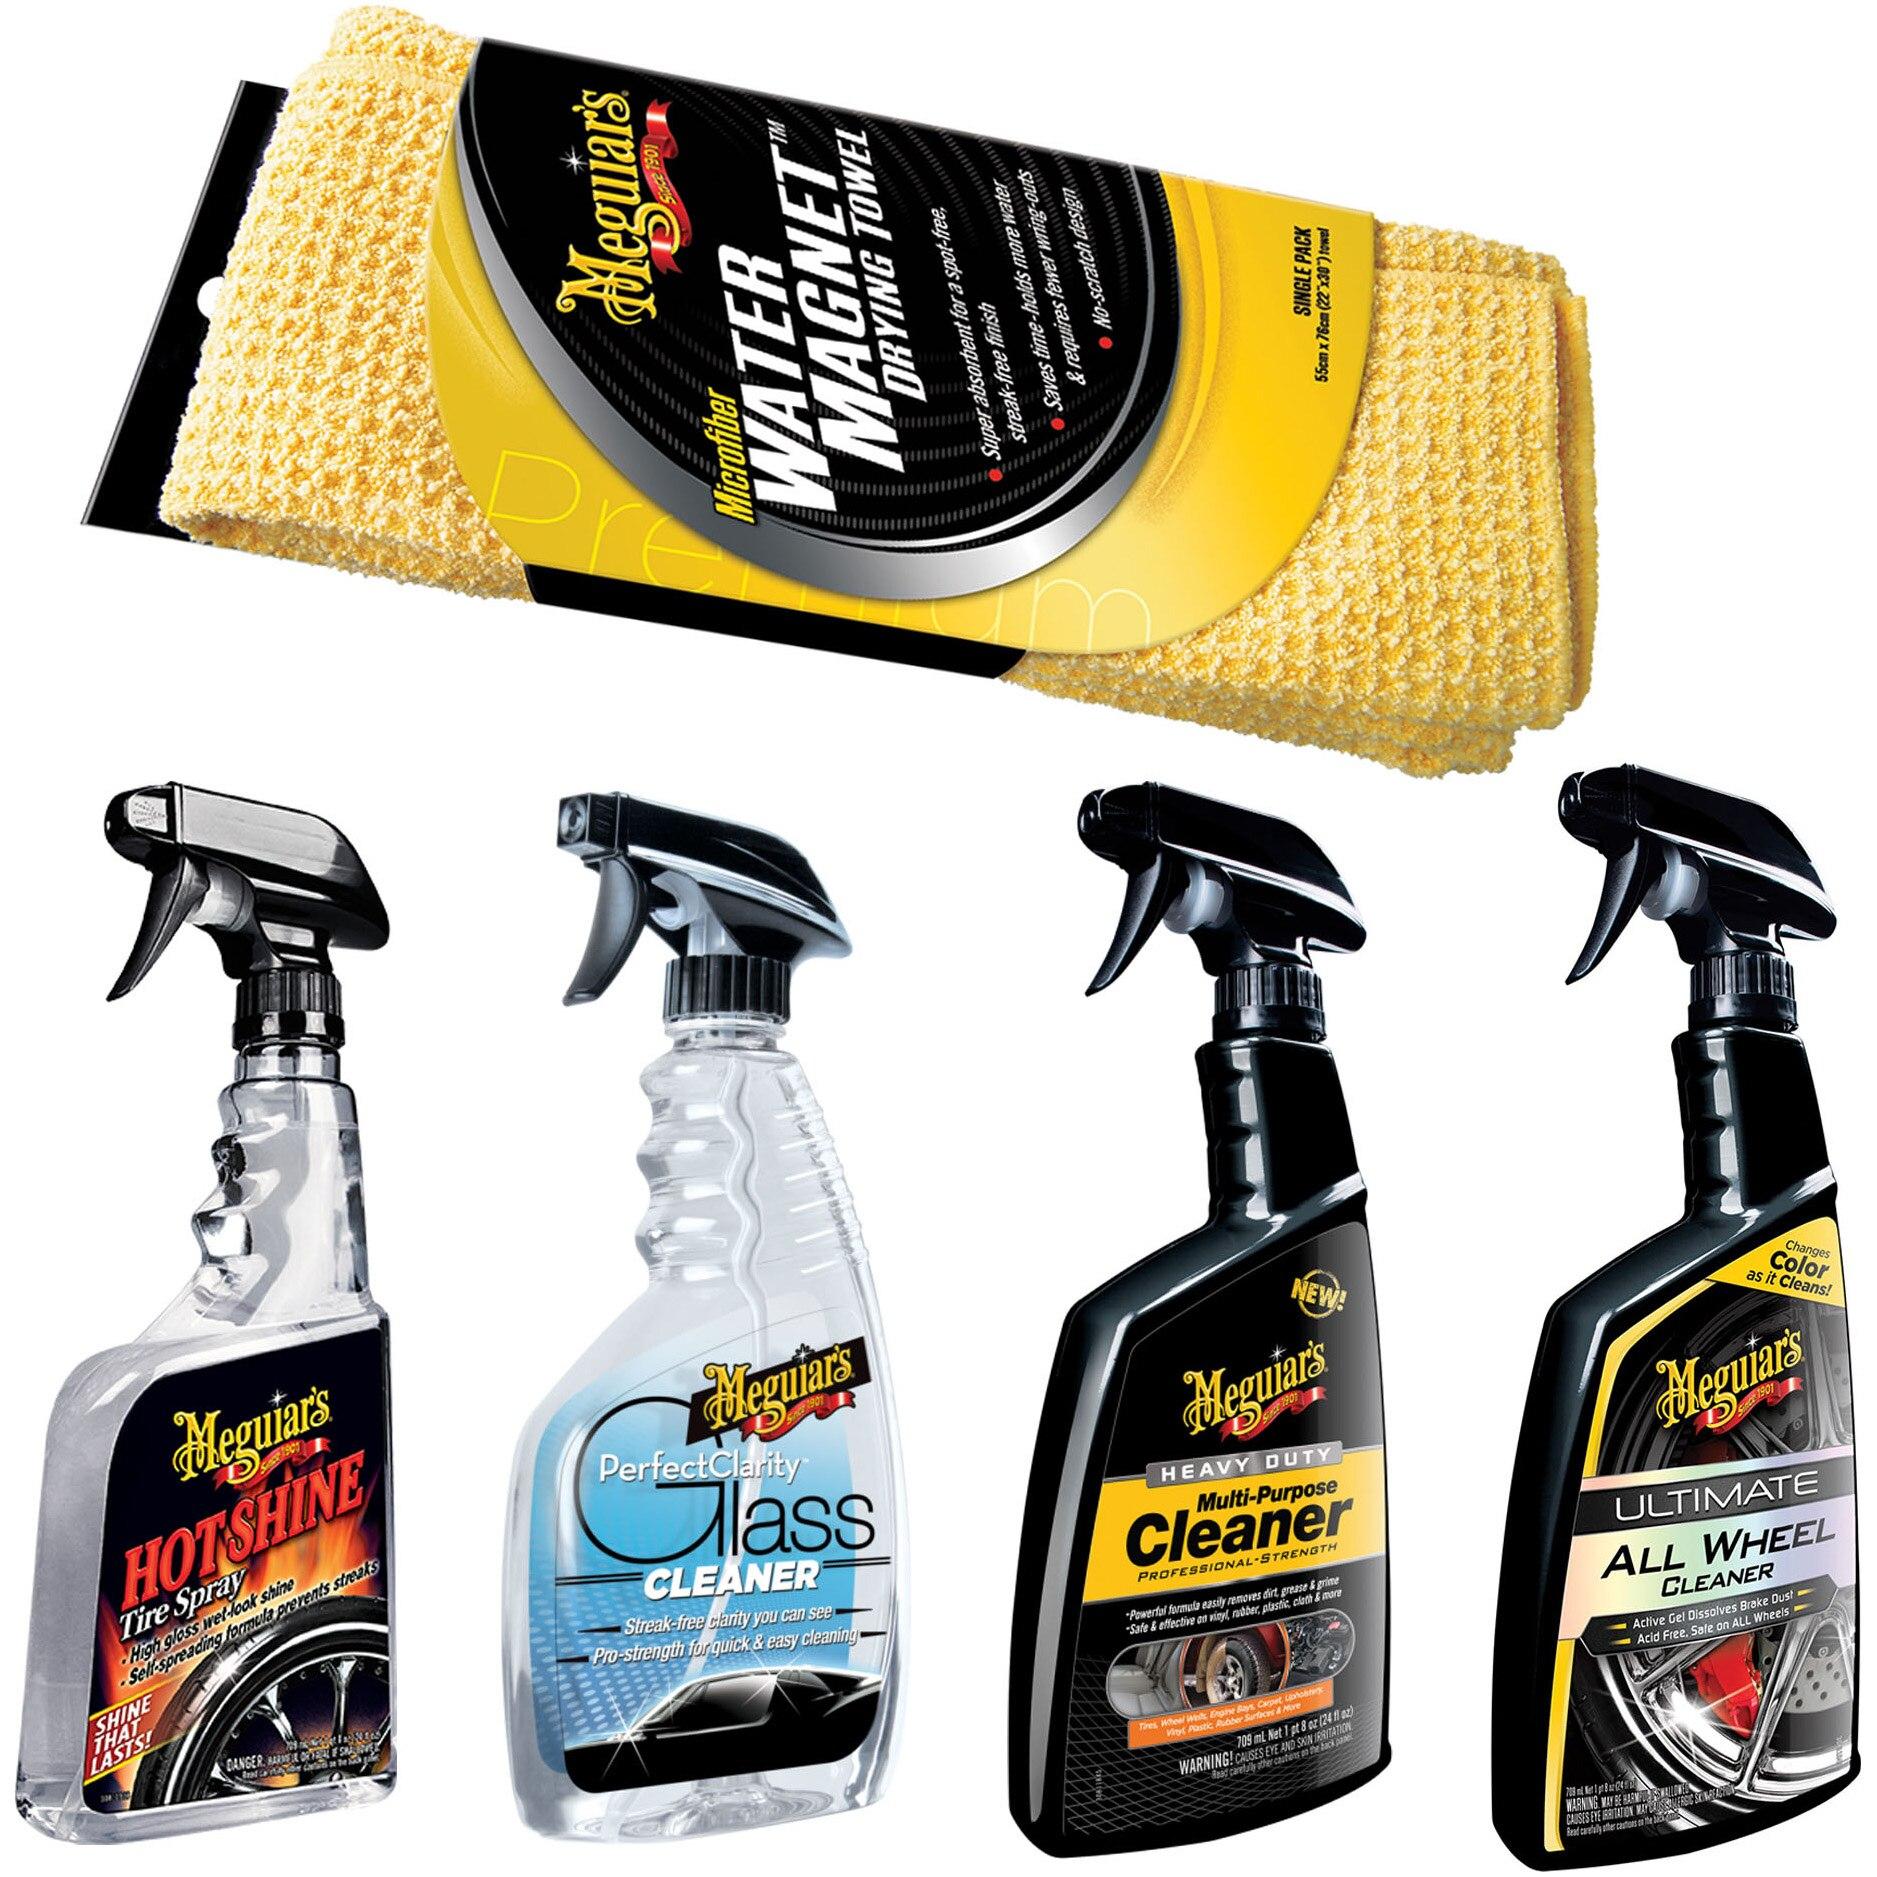 Fotografie Pachet cosmetica pentru spalatorie tip self wash, utilizare interior si exterior, produse de ingrijire auto premium, Meguiar's, made in SUA